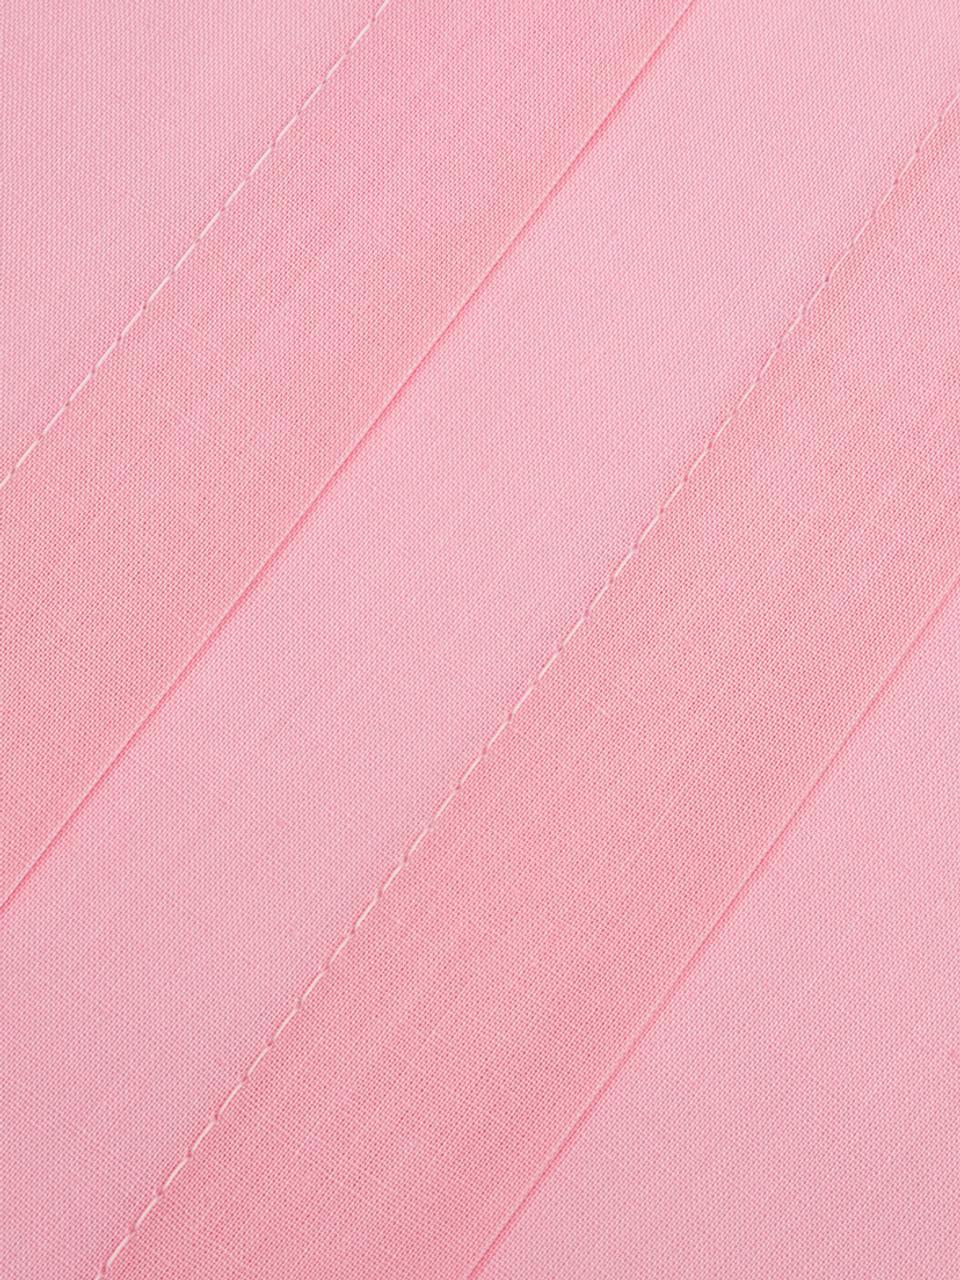 Renforcé dekbedovertrek Chambre, Weeftechniek: renforcé, Roze, 140 x 220 cm